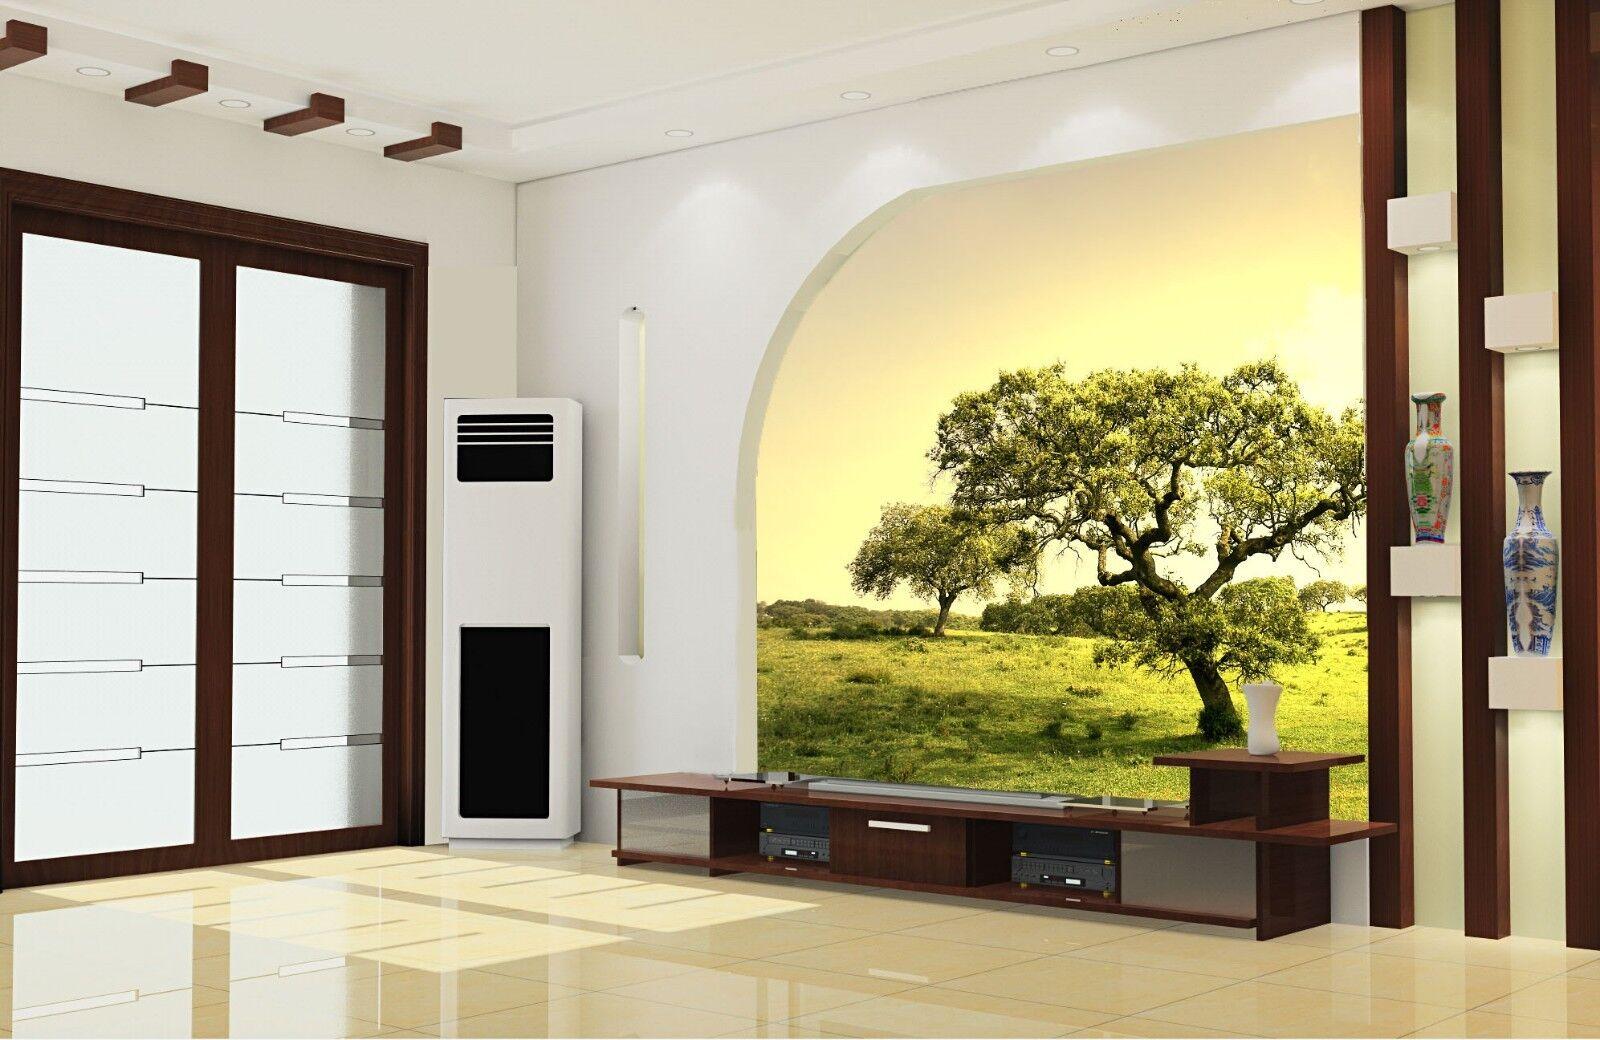 3D albero prato 579 carta da Parati Murali Muro Muro Muro Stampa Murales Adesivo Per Pareti AJ Muro UK Jenny 0b79bf